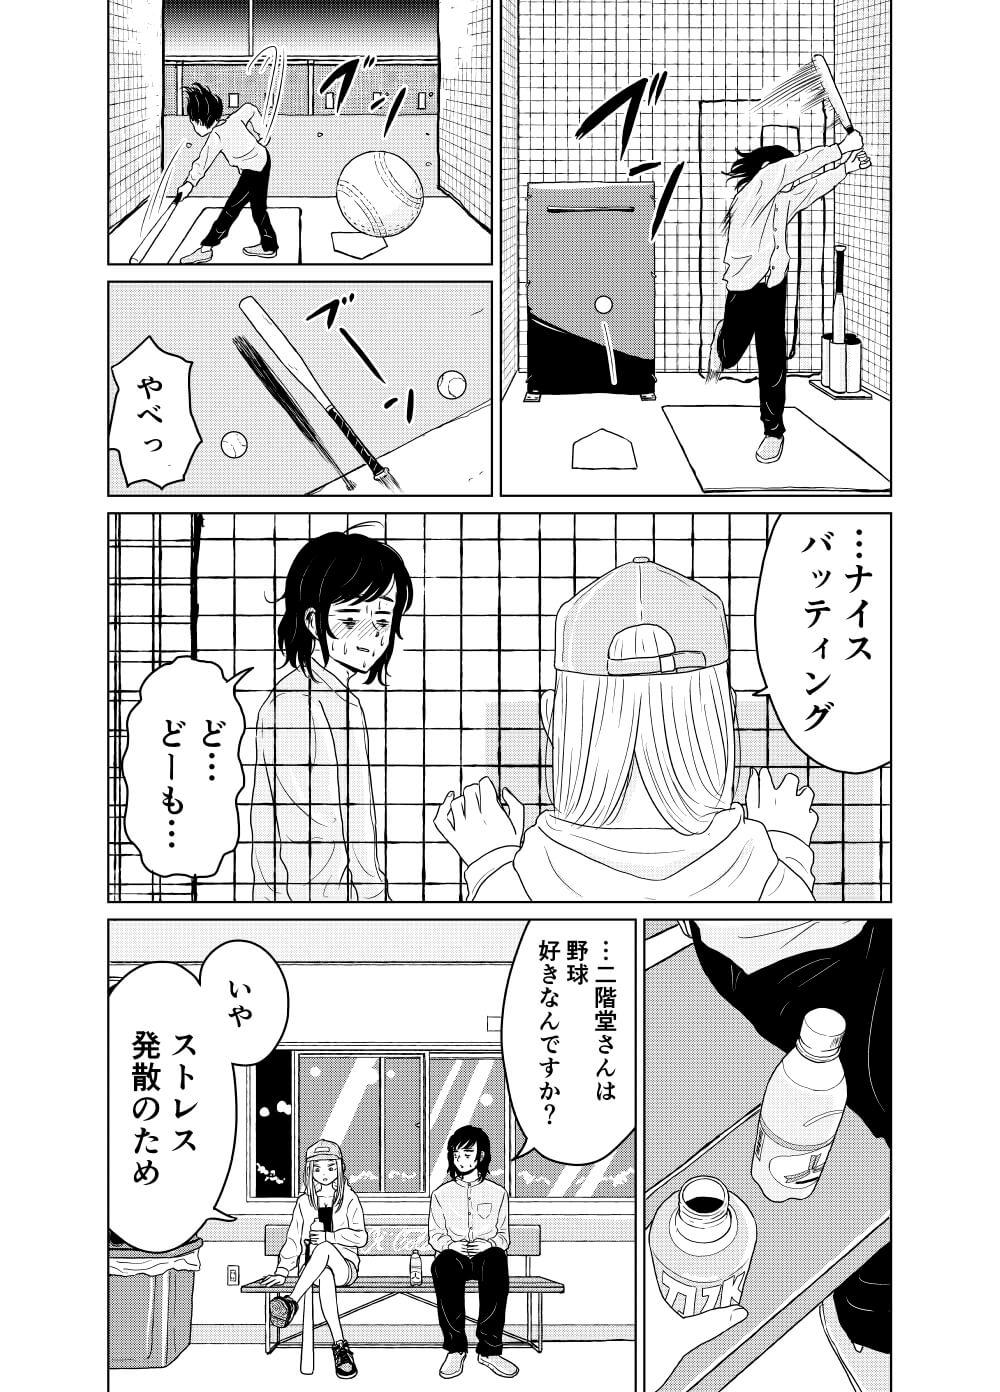 眠れぬ夜2-3